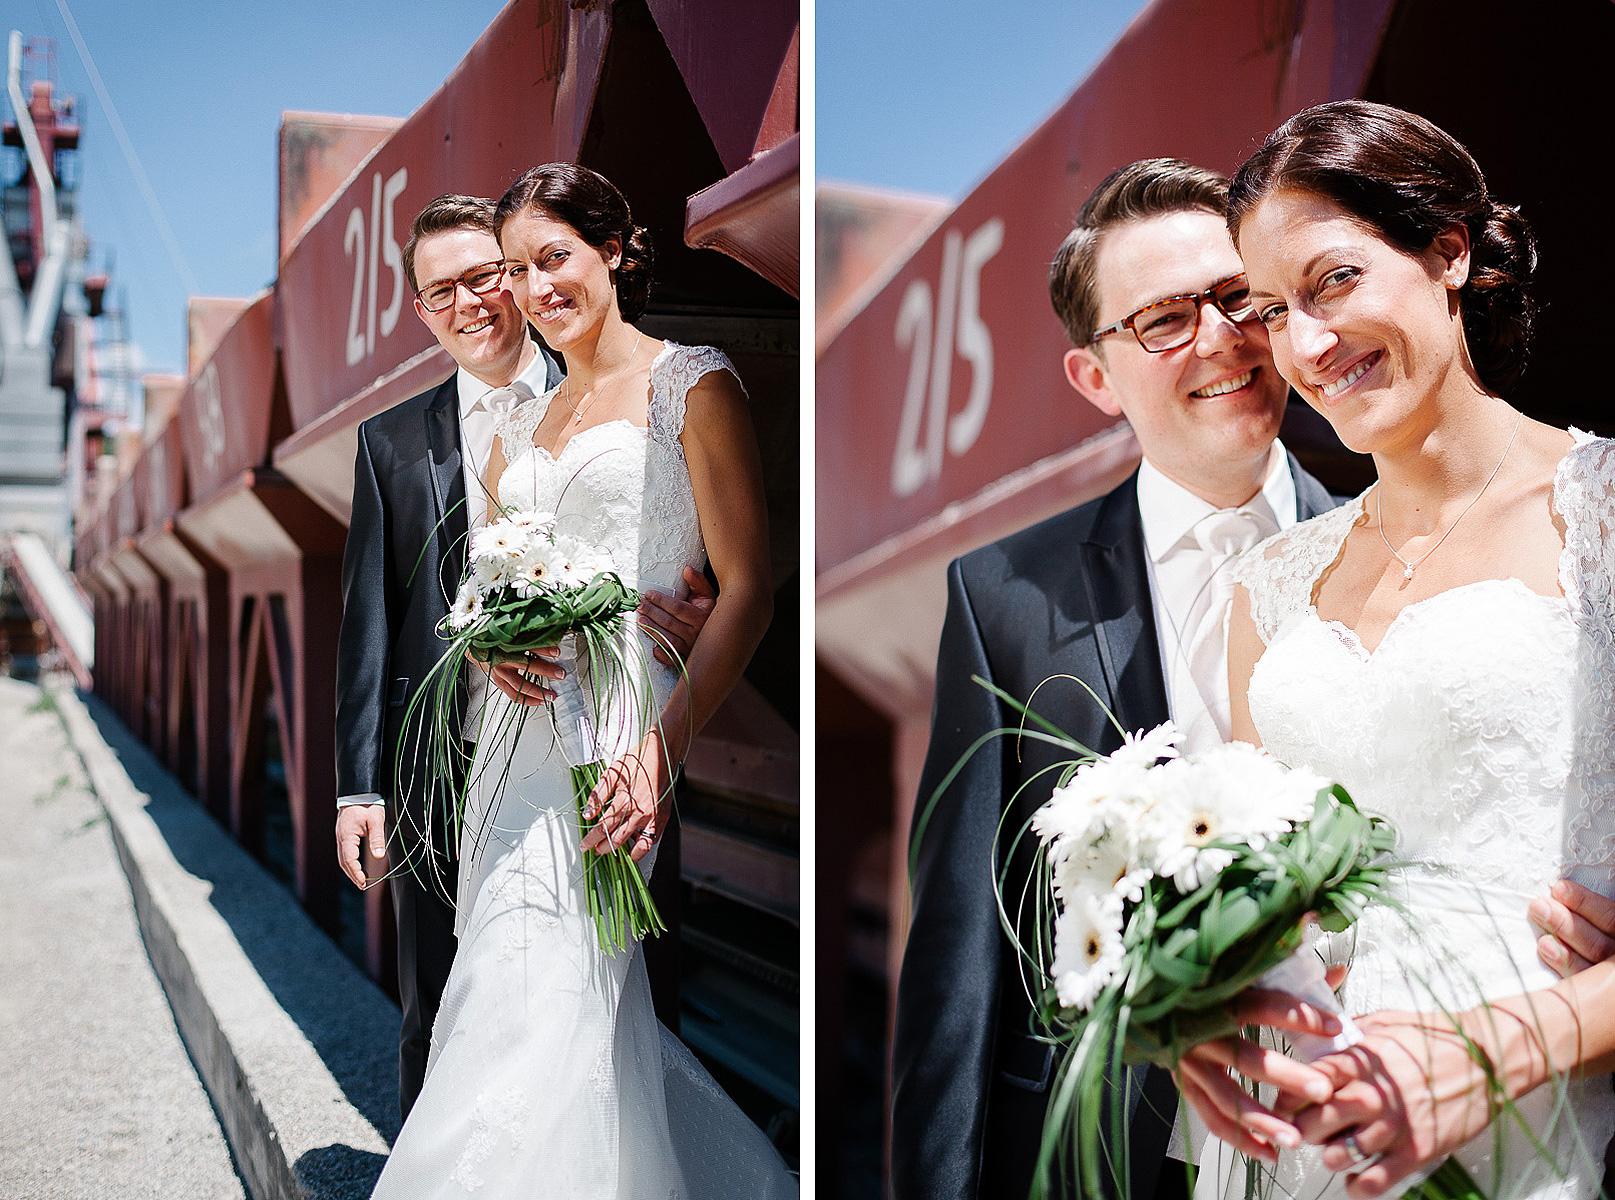 Sarah-und-Tobias-Farbe-web-Foto-Avec-Amis-171-170